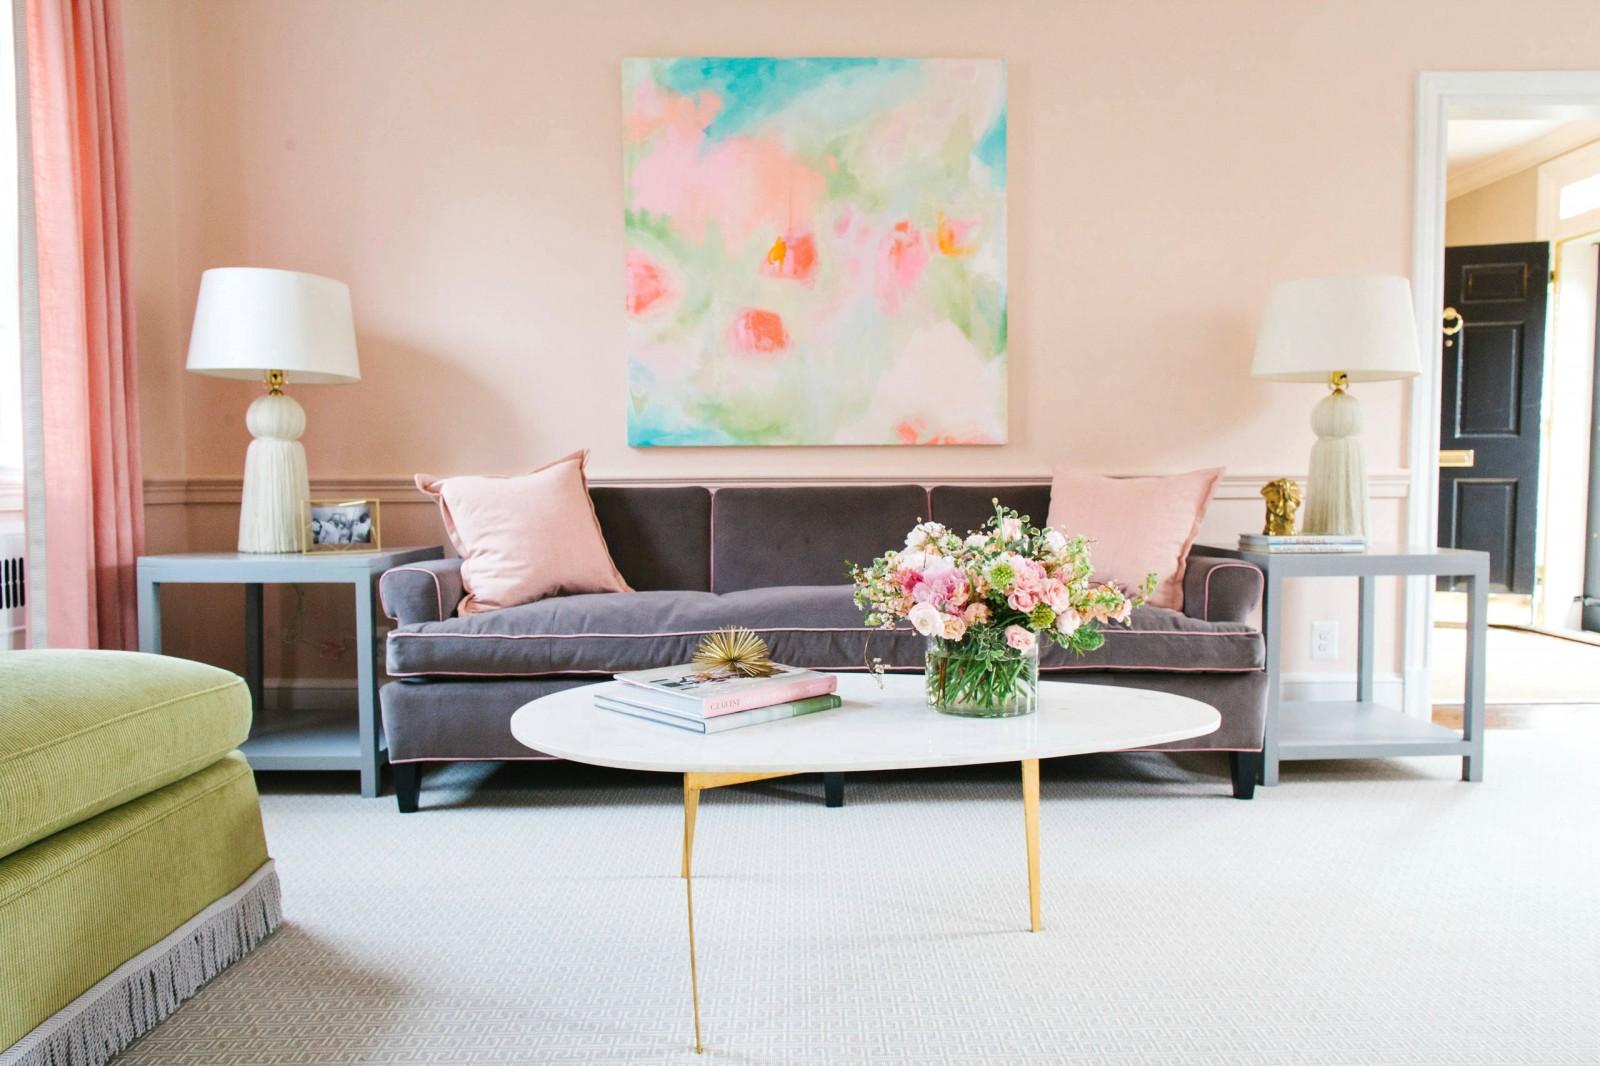 Персиковый цвет в одежде - с чем сочетать для гармоничного образа